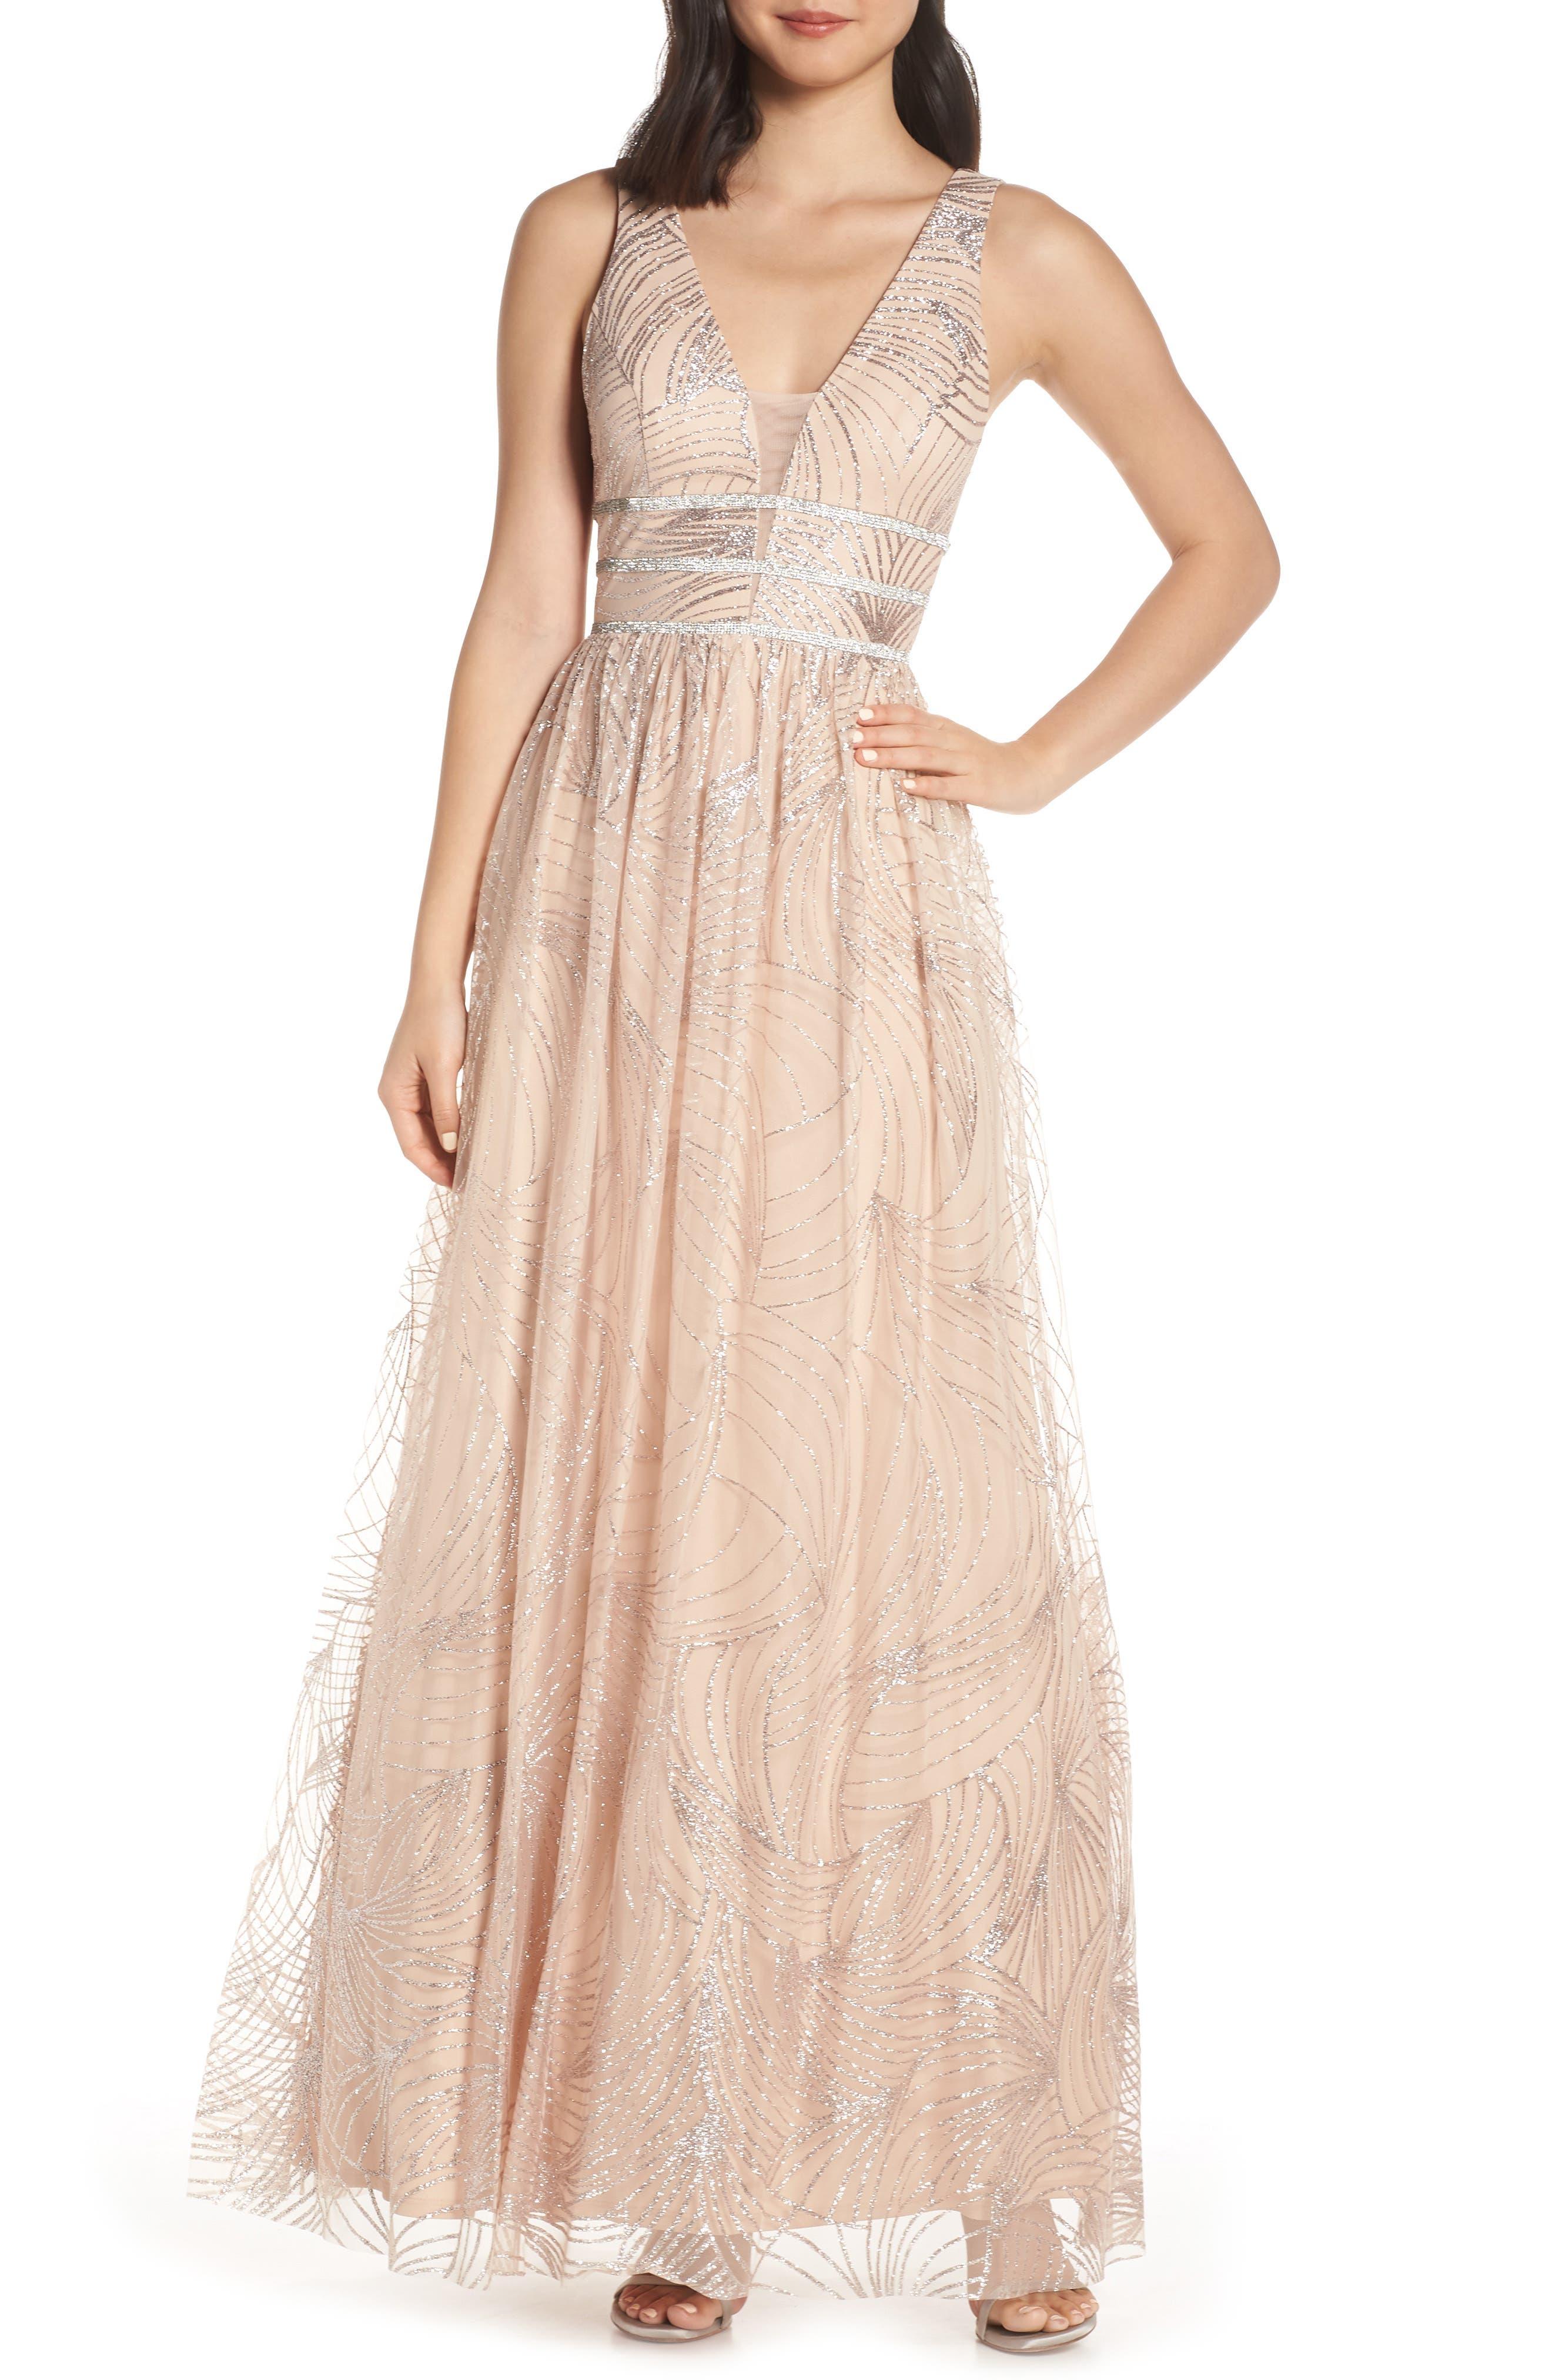 Blondie Nites Stripe Waist Glitter Mesh Evening Dress, Beige